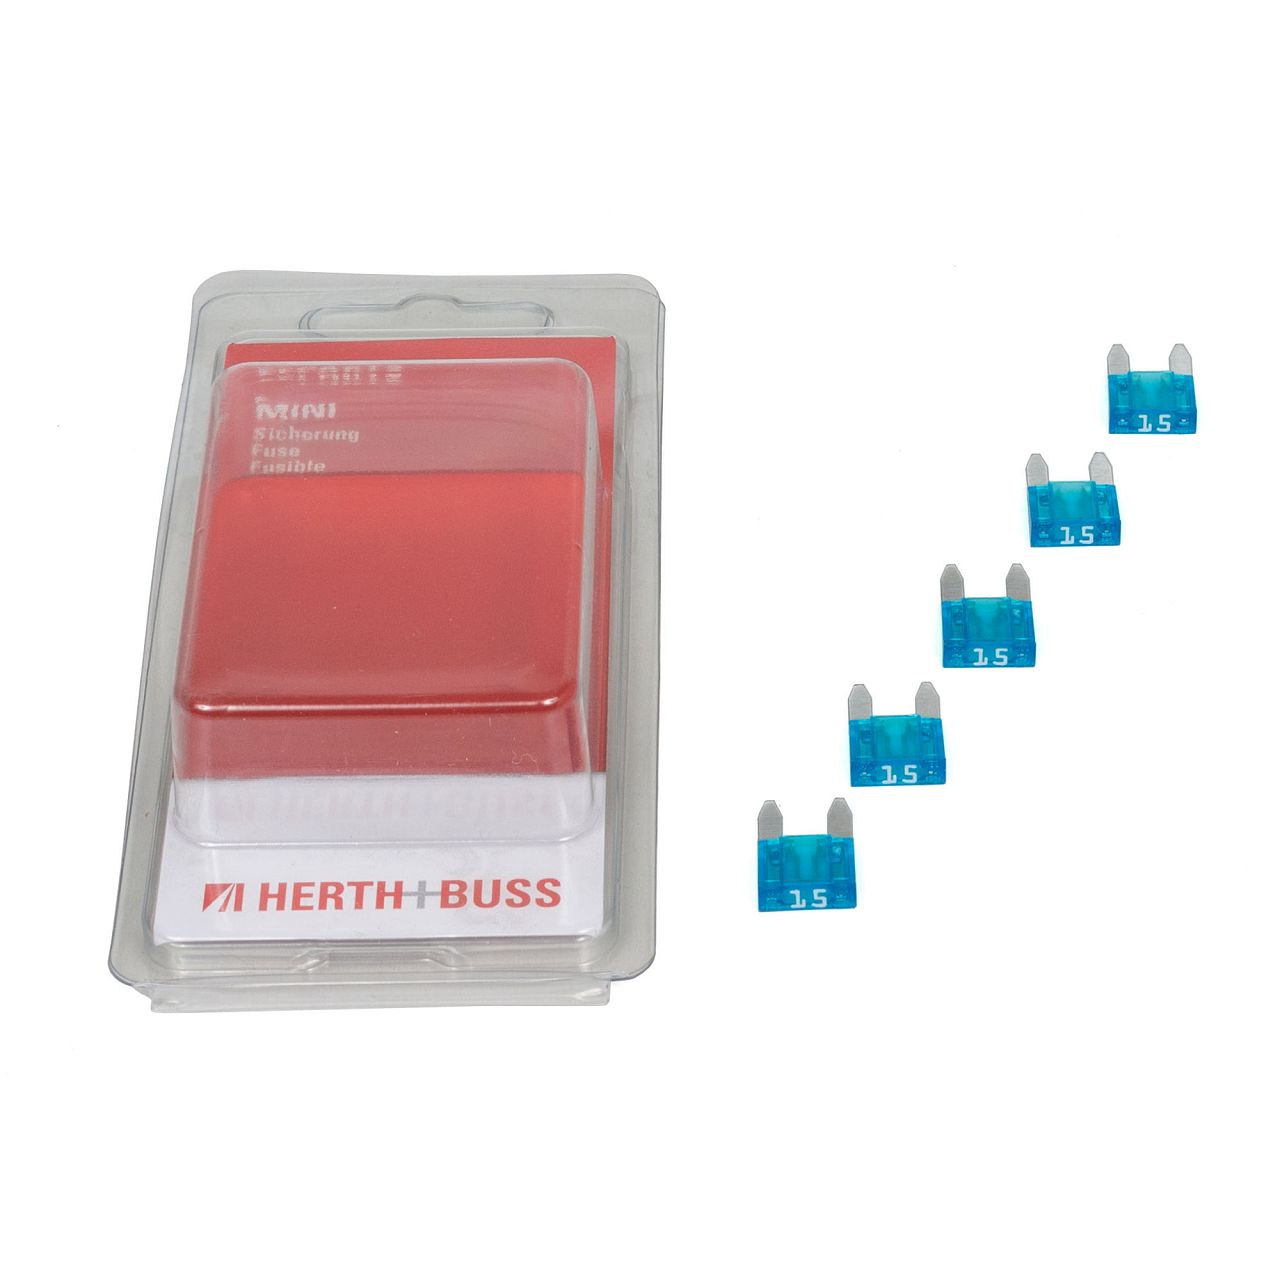 5x HERTH+BUSS ELPARTS Sicherung Micro-Flachstecksicherung 15A - 32A